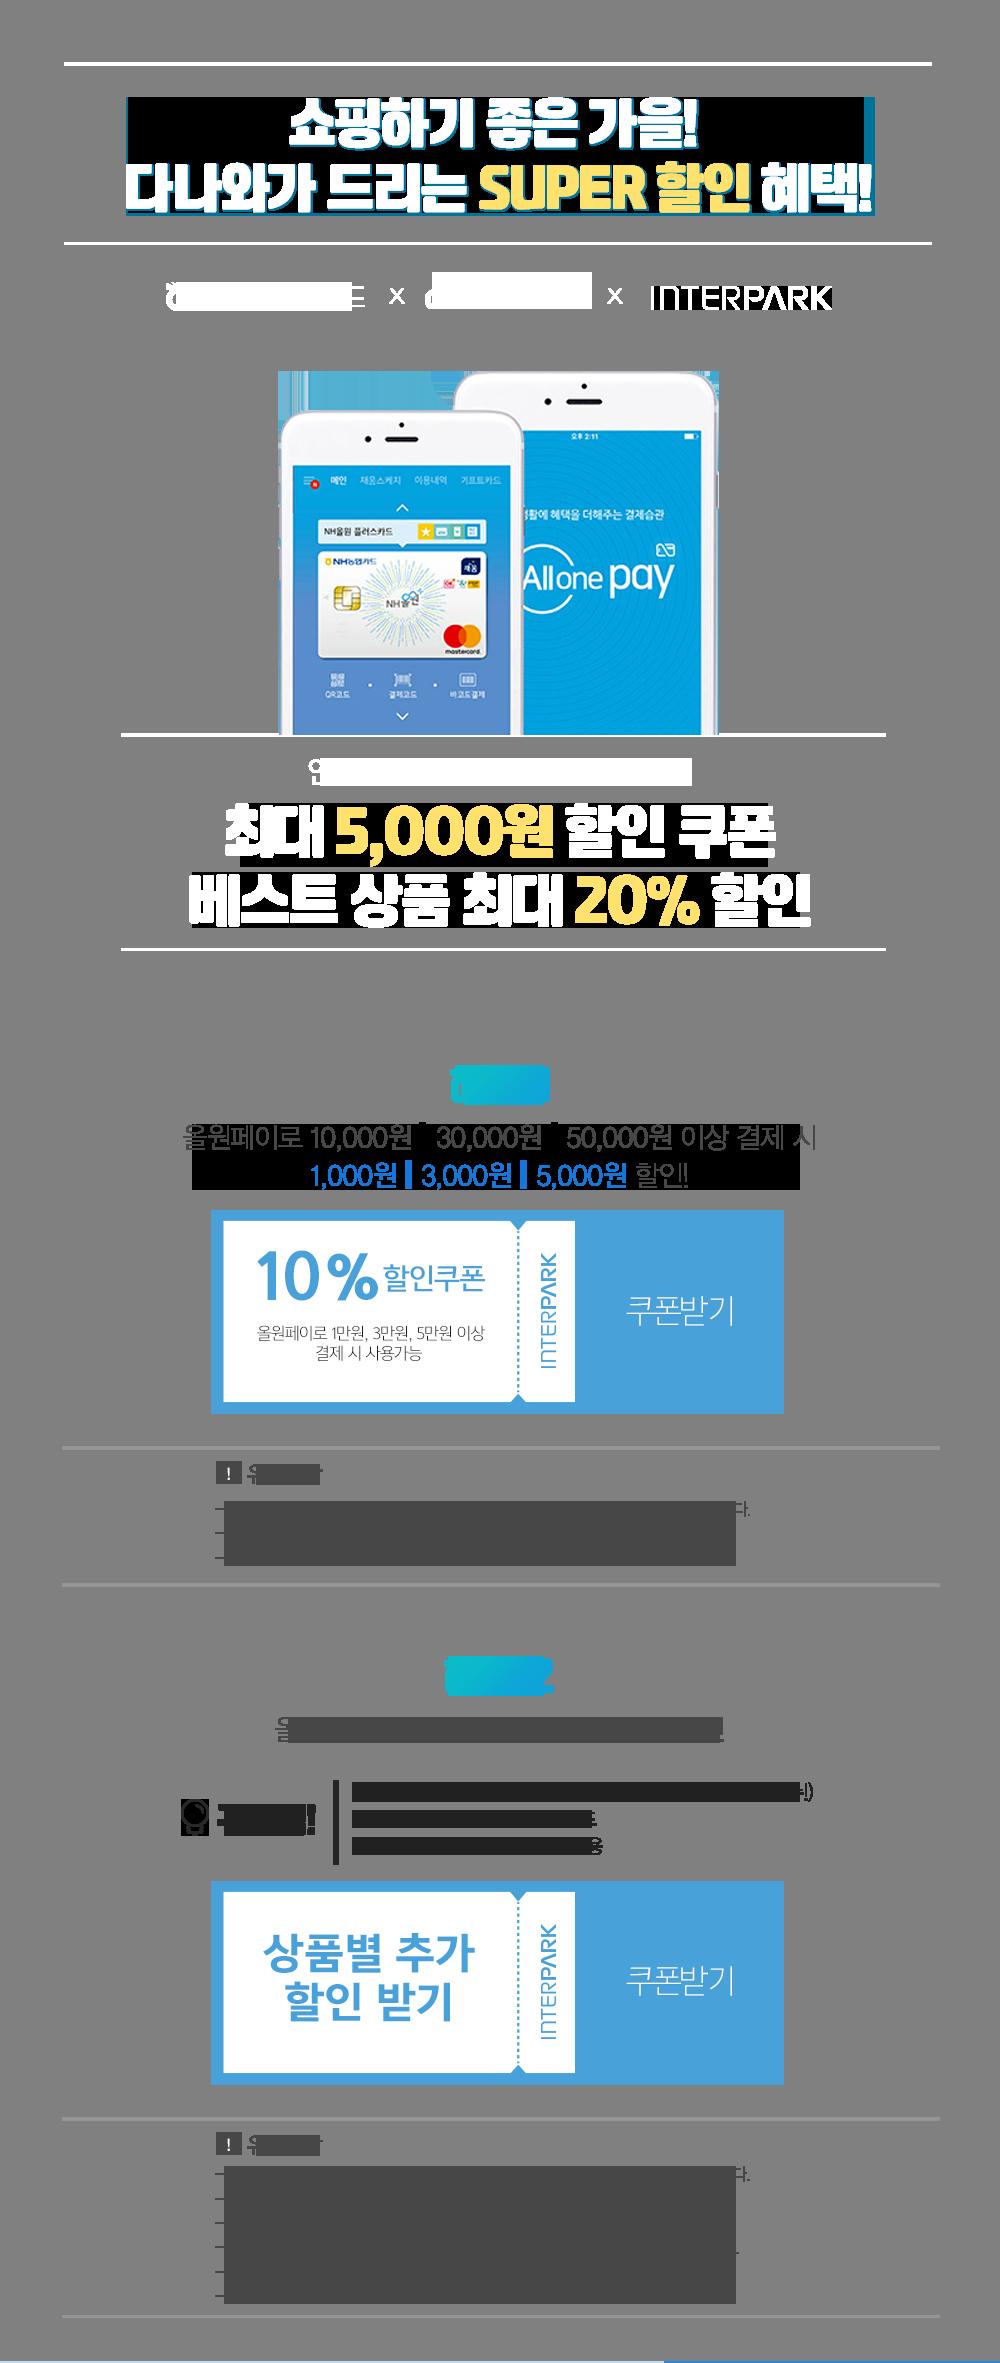 인터파크에서 올원페이로 결제시 최대 5000원 할인 쿠폰 베스트 상품 최대 20% 할인